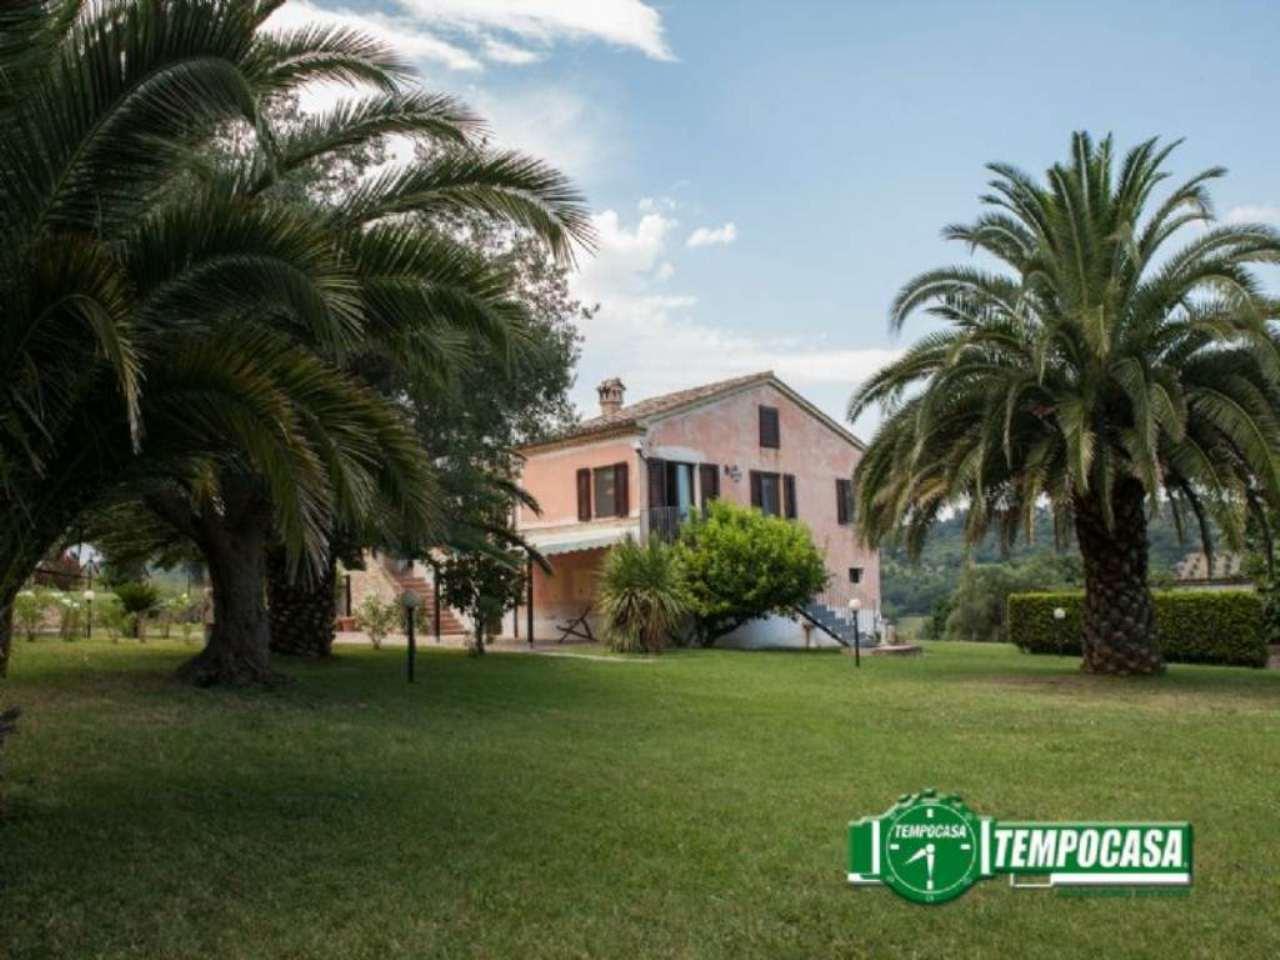 Villa in vendita a Civitanova Marche, 5 locali, prezzo € 490.000 | Cambio Casa.it